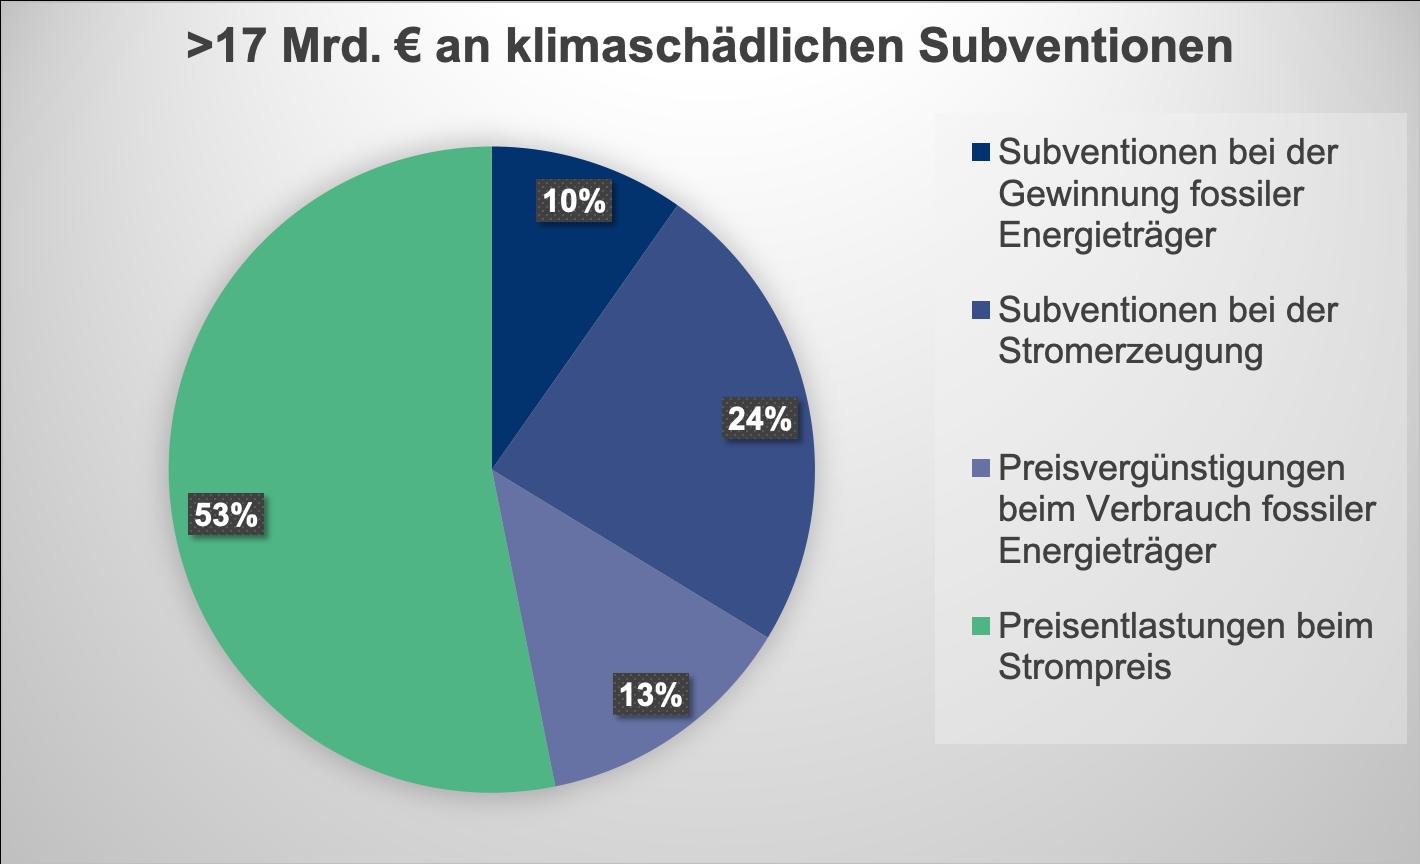 Subventionen für fossile Energieträger